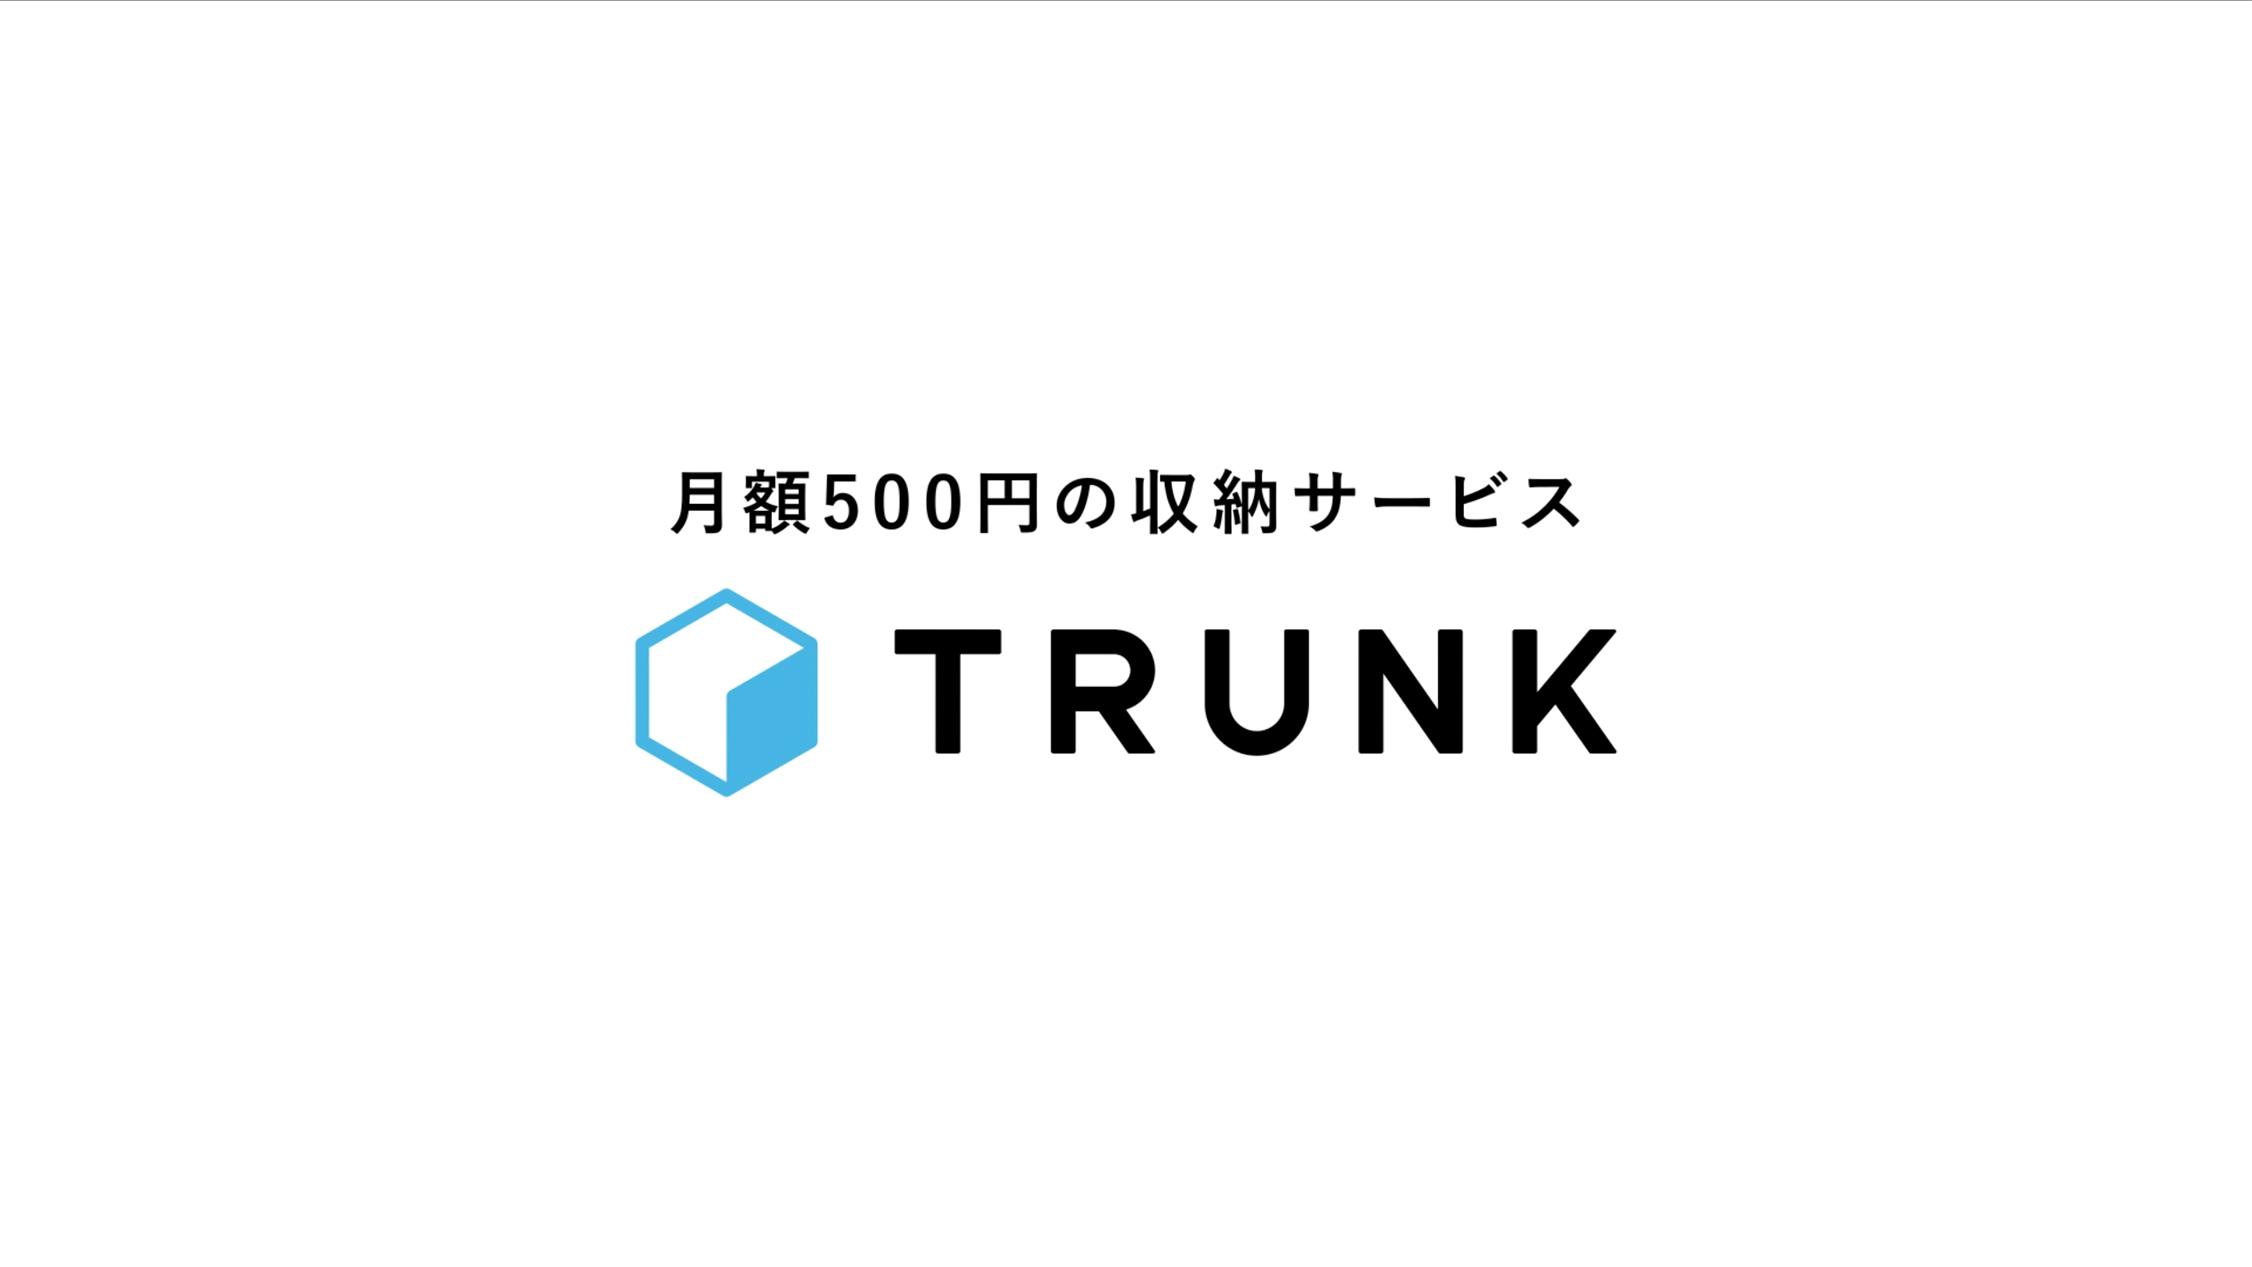 TYME/TRUNK-Image-7